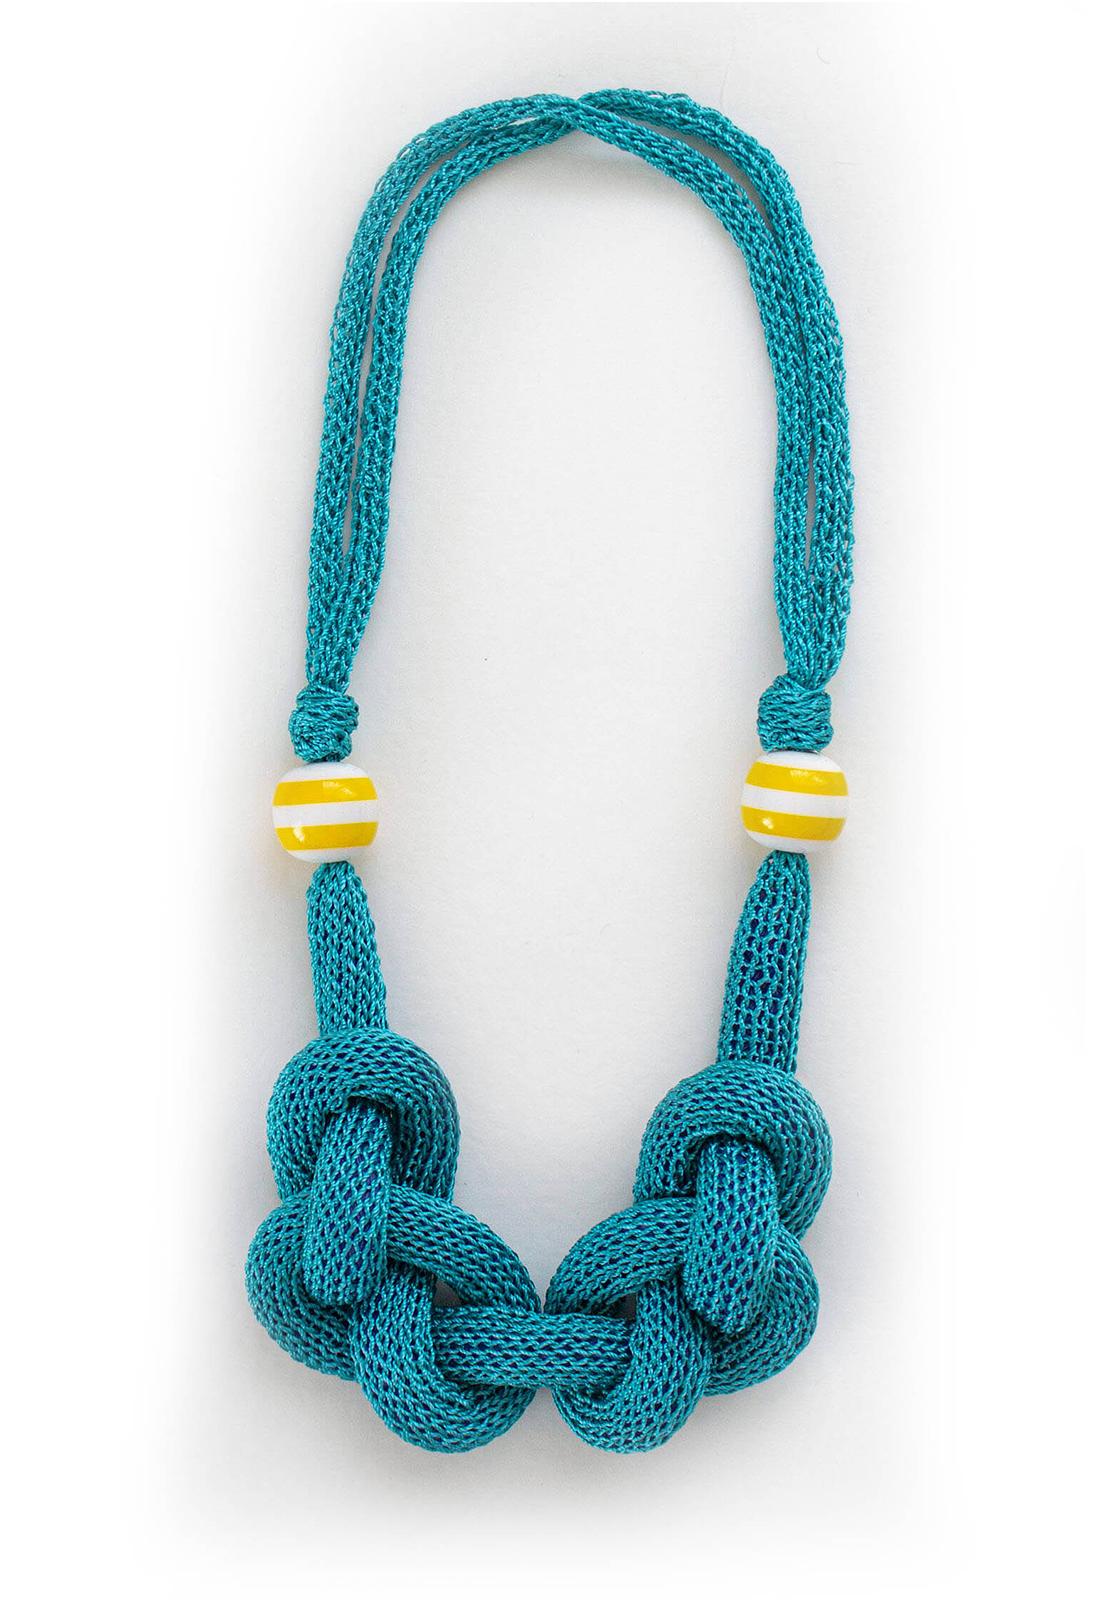 Collar Luisa Turquesa / Perlas Amarillas